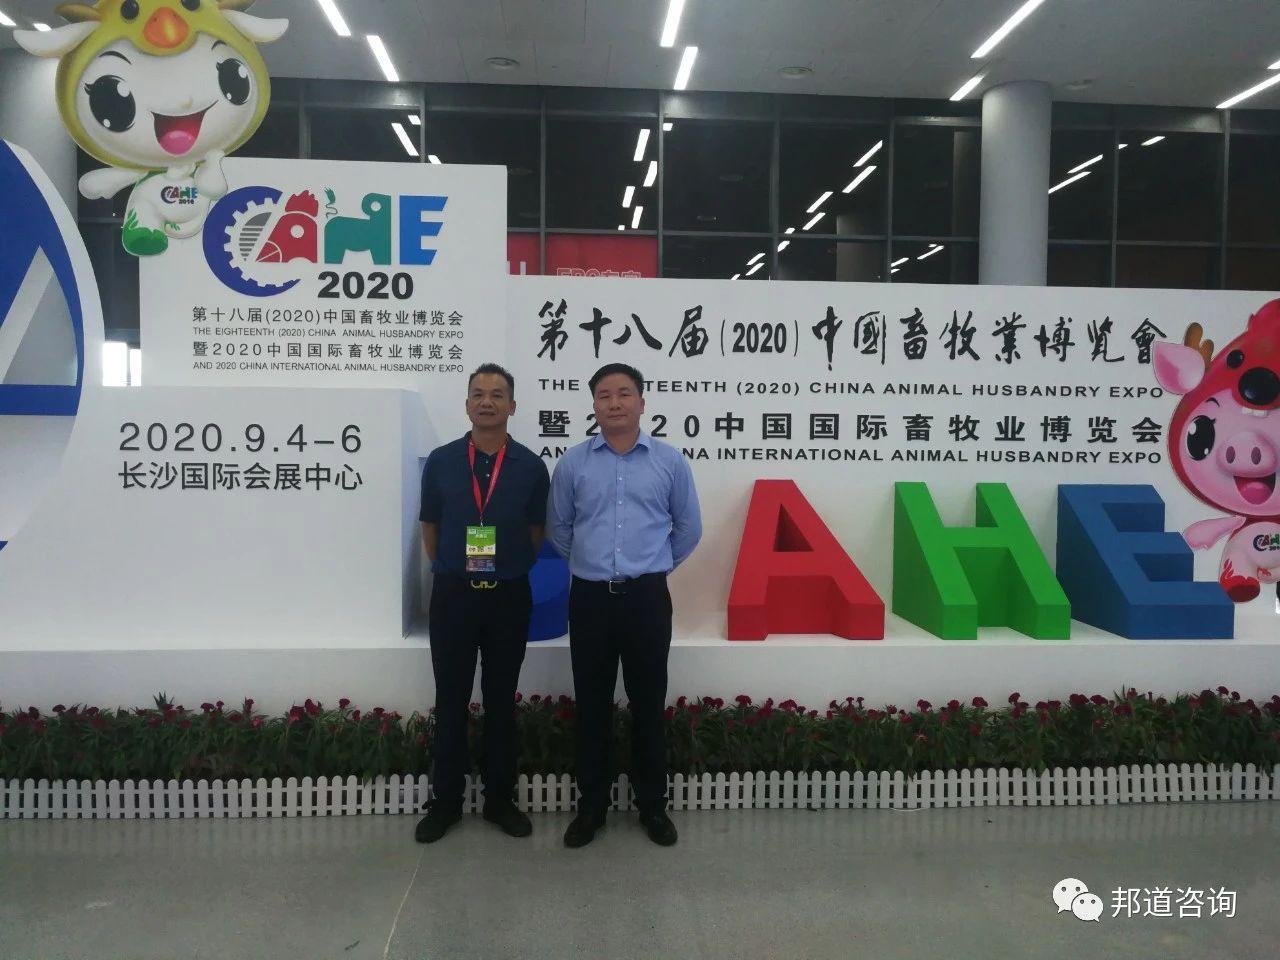 """刘先:2020中国畜博会—抓住金猪时代,打造钻石企业—企业如何""""日进斗金"""""""